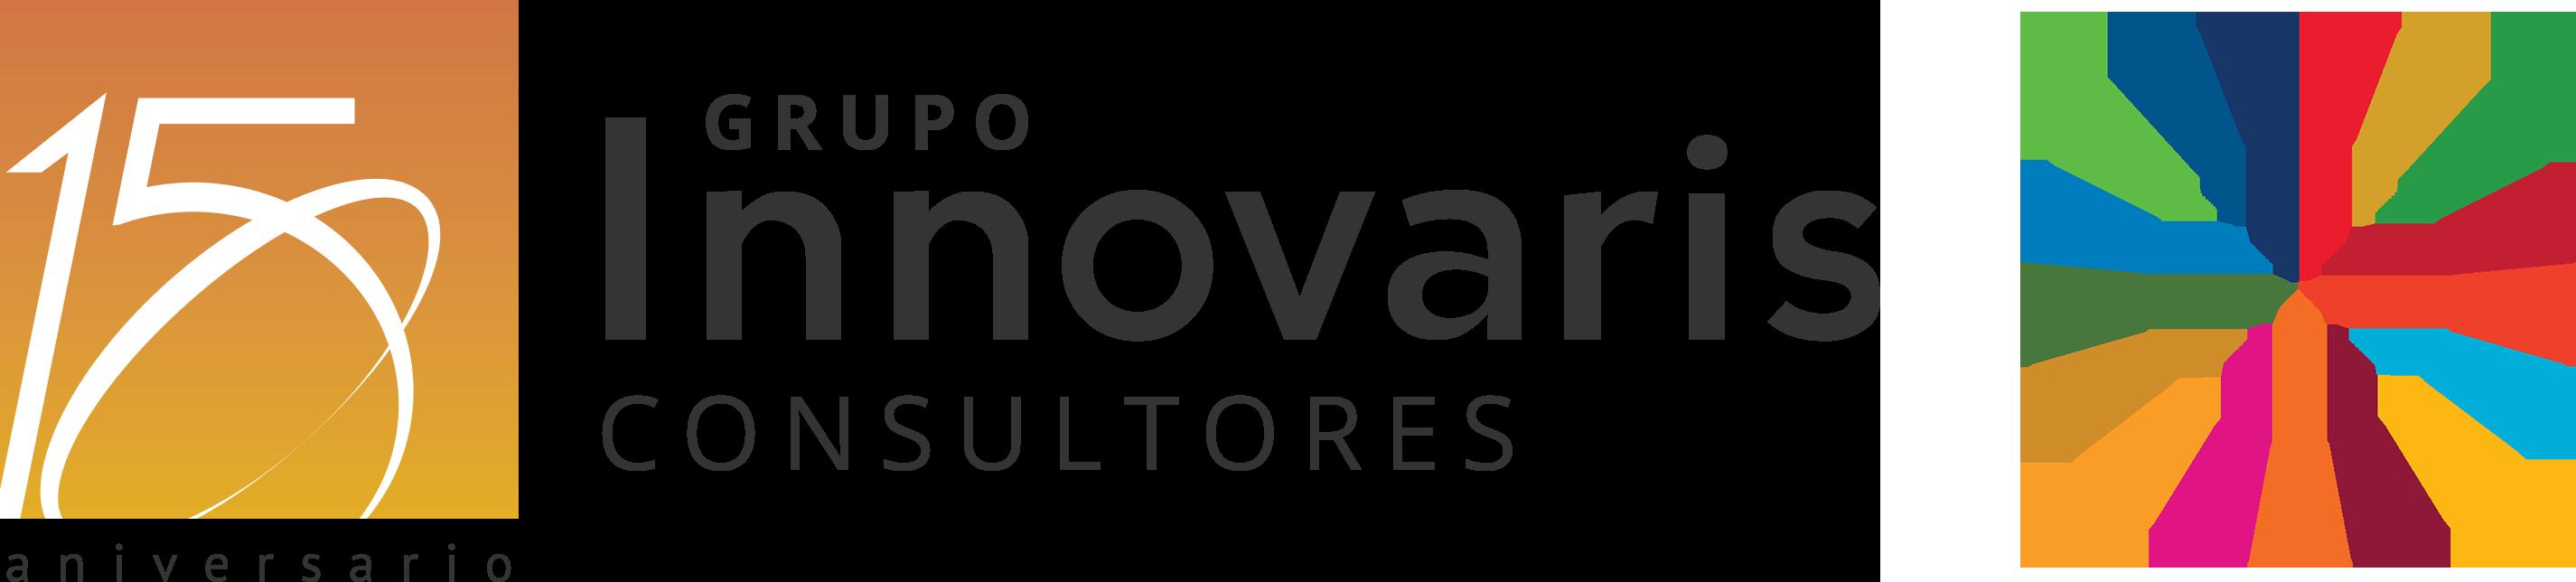 Logo Grupo Innovaris 15 Aniversario ODS